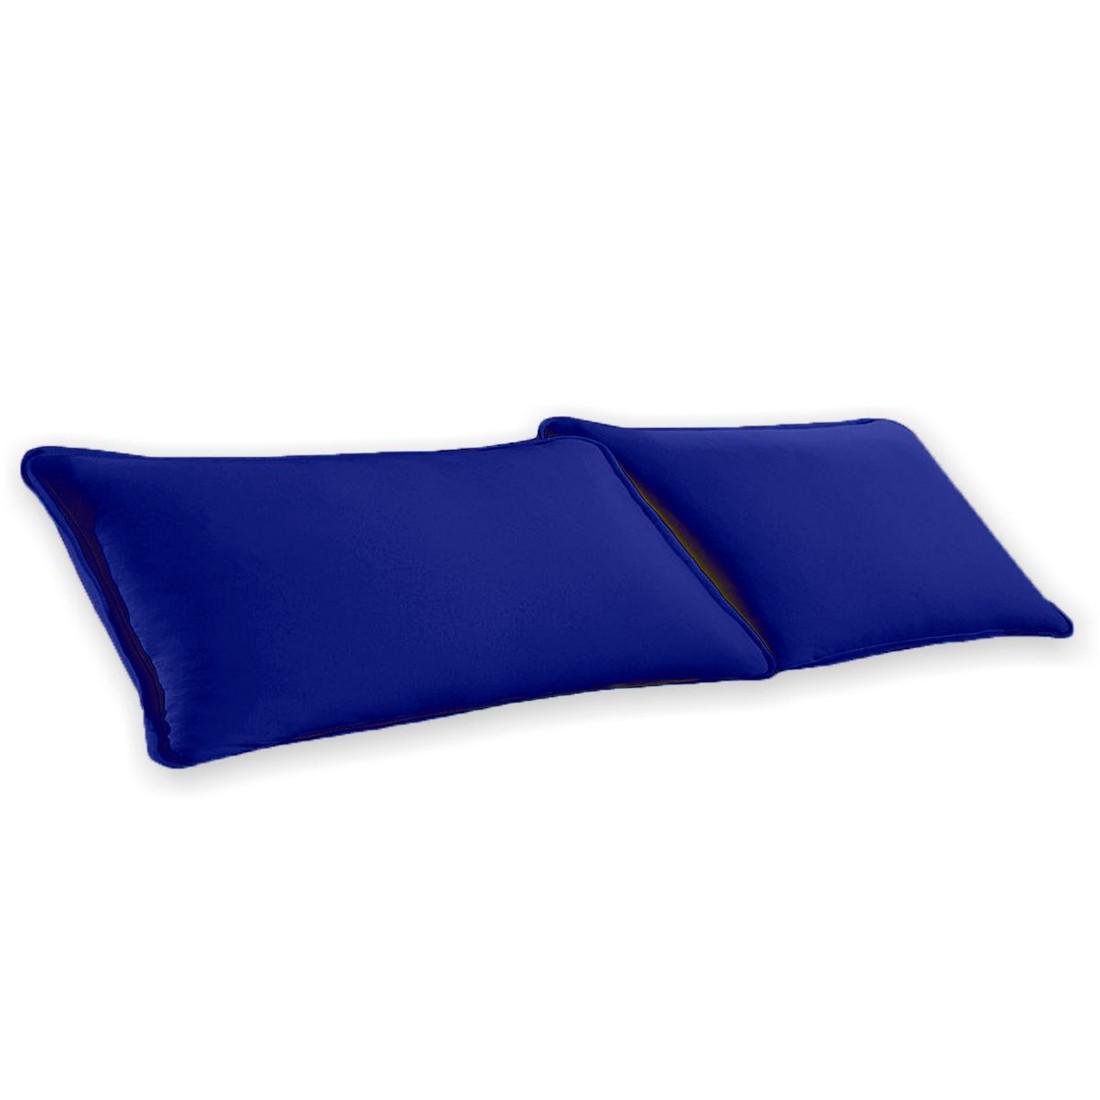 Par de Fronhas Azul Lisa em Malha 100% Algodão 120g/m2